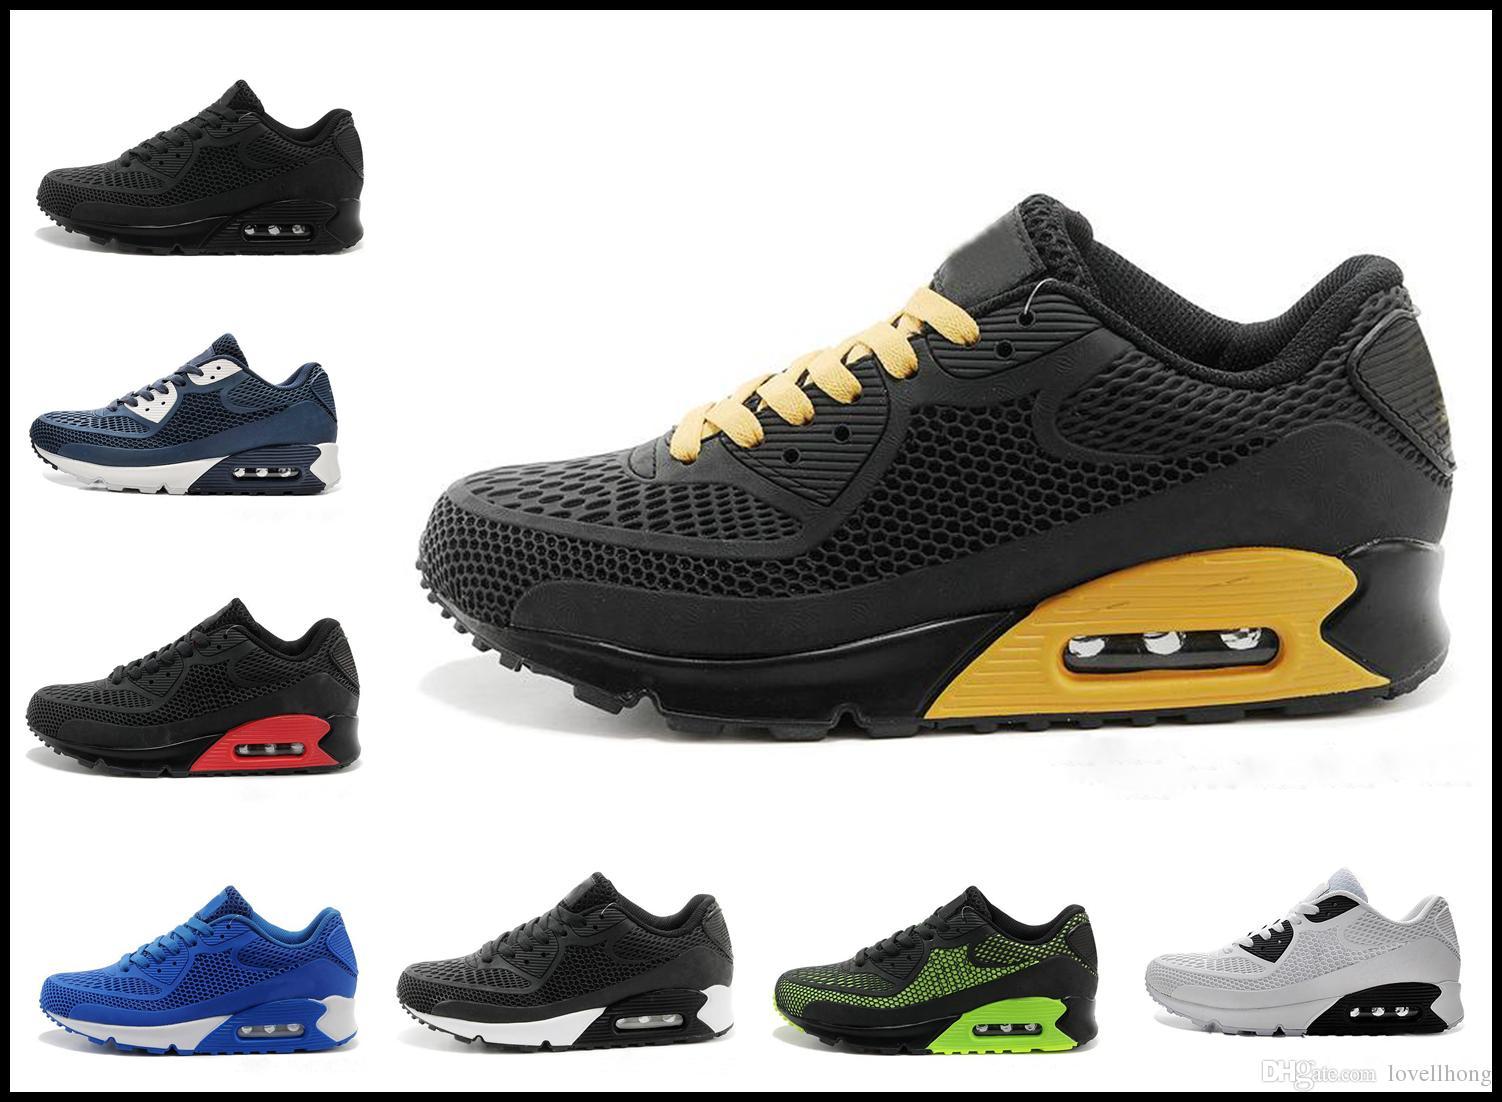 2d4536e68d2 Compre Nike Air Max 90 Kpu Airmax 2017 De Alta Qualidade Tênis De Corrida  Almofada 90 KPU Clássico Dos Homens Das Mulheres 90 Sapatos Casuais  Formadores ...